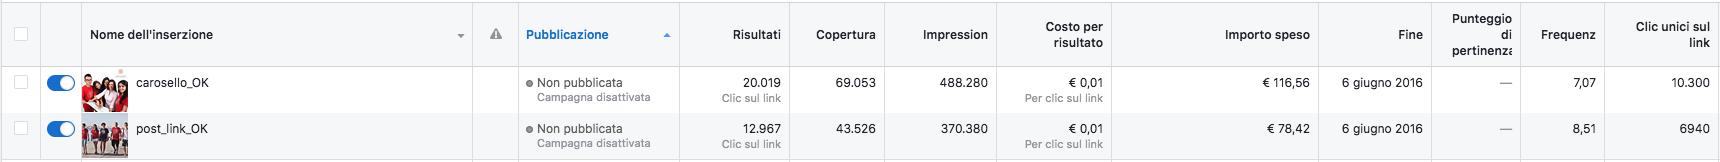 social ads risultati per tipologia d'inserzione